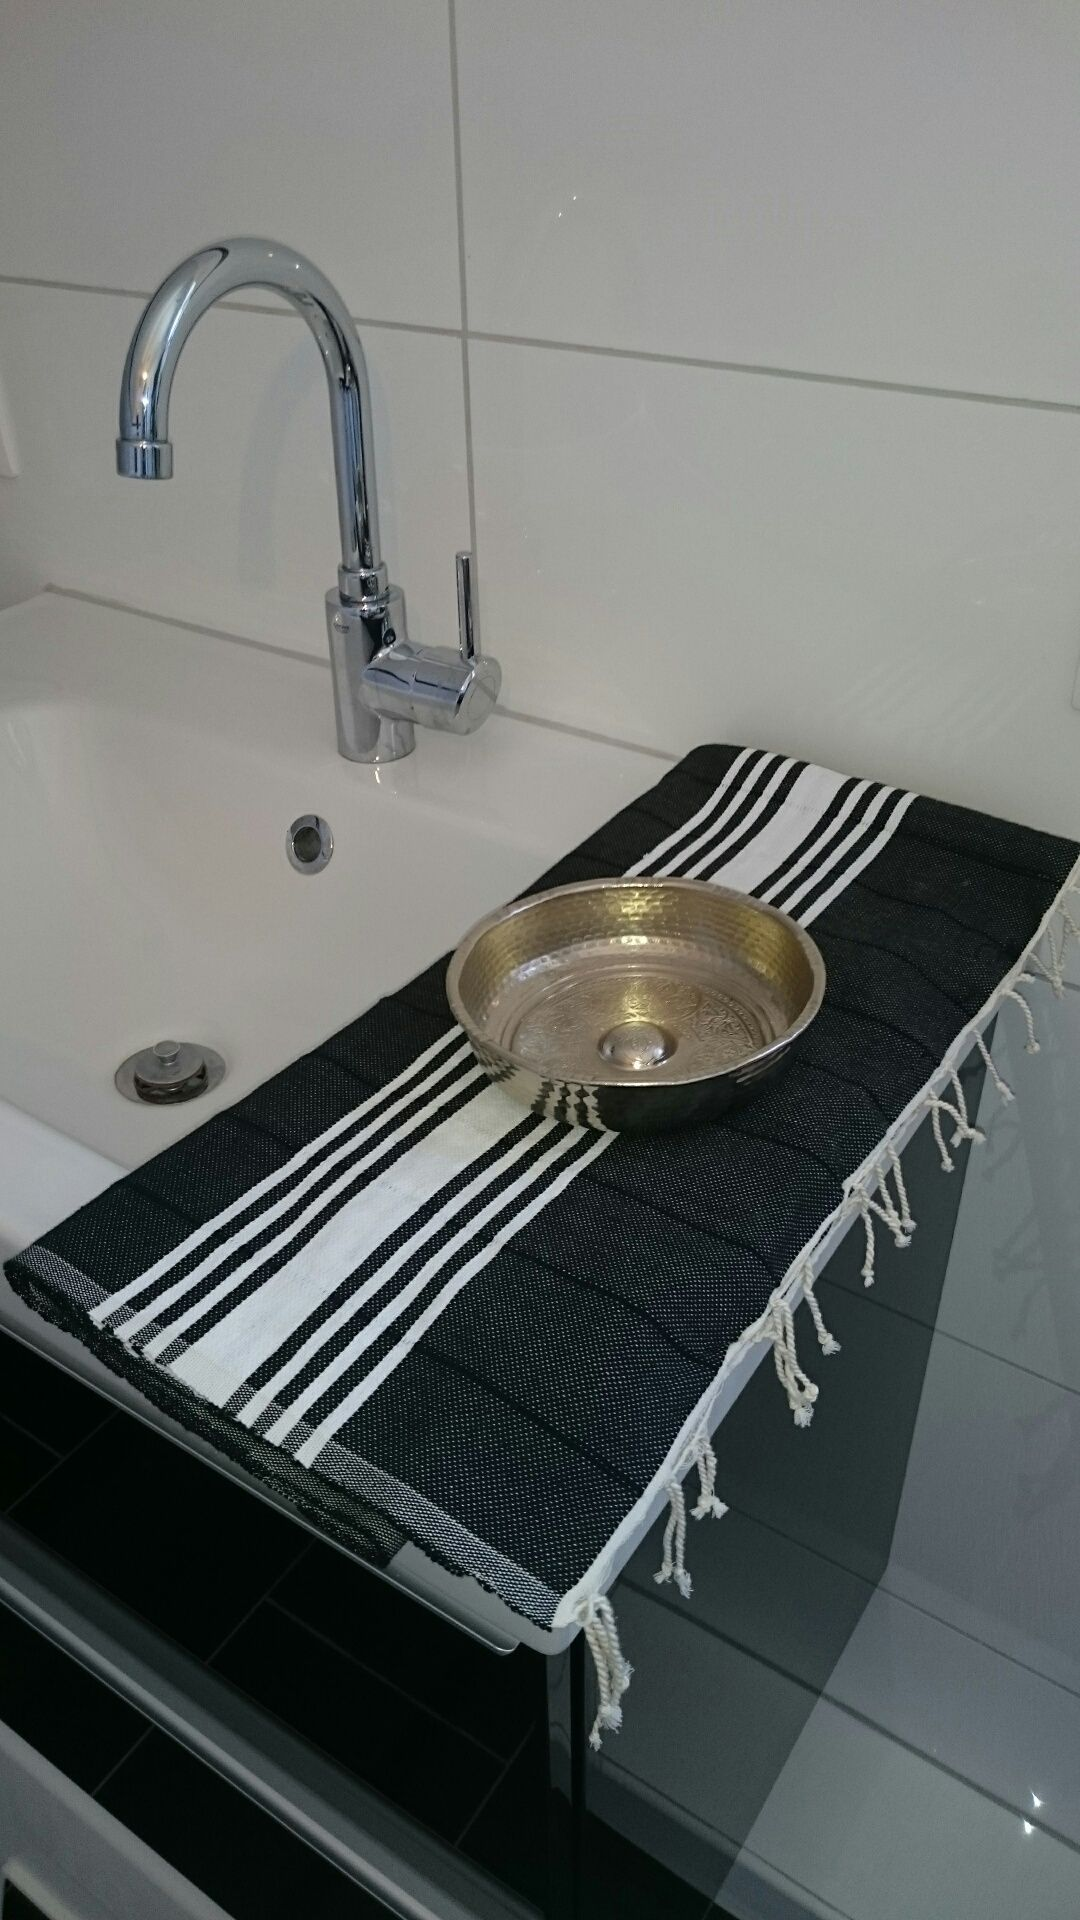 Orange badezimmerdekor bath decoration badezimmer bad deko mit hamamzubehör pestemal